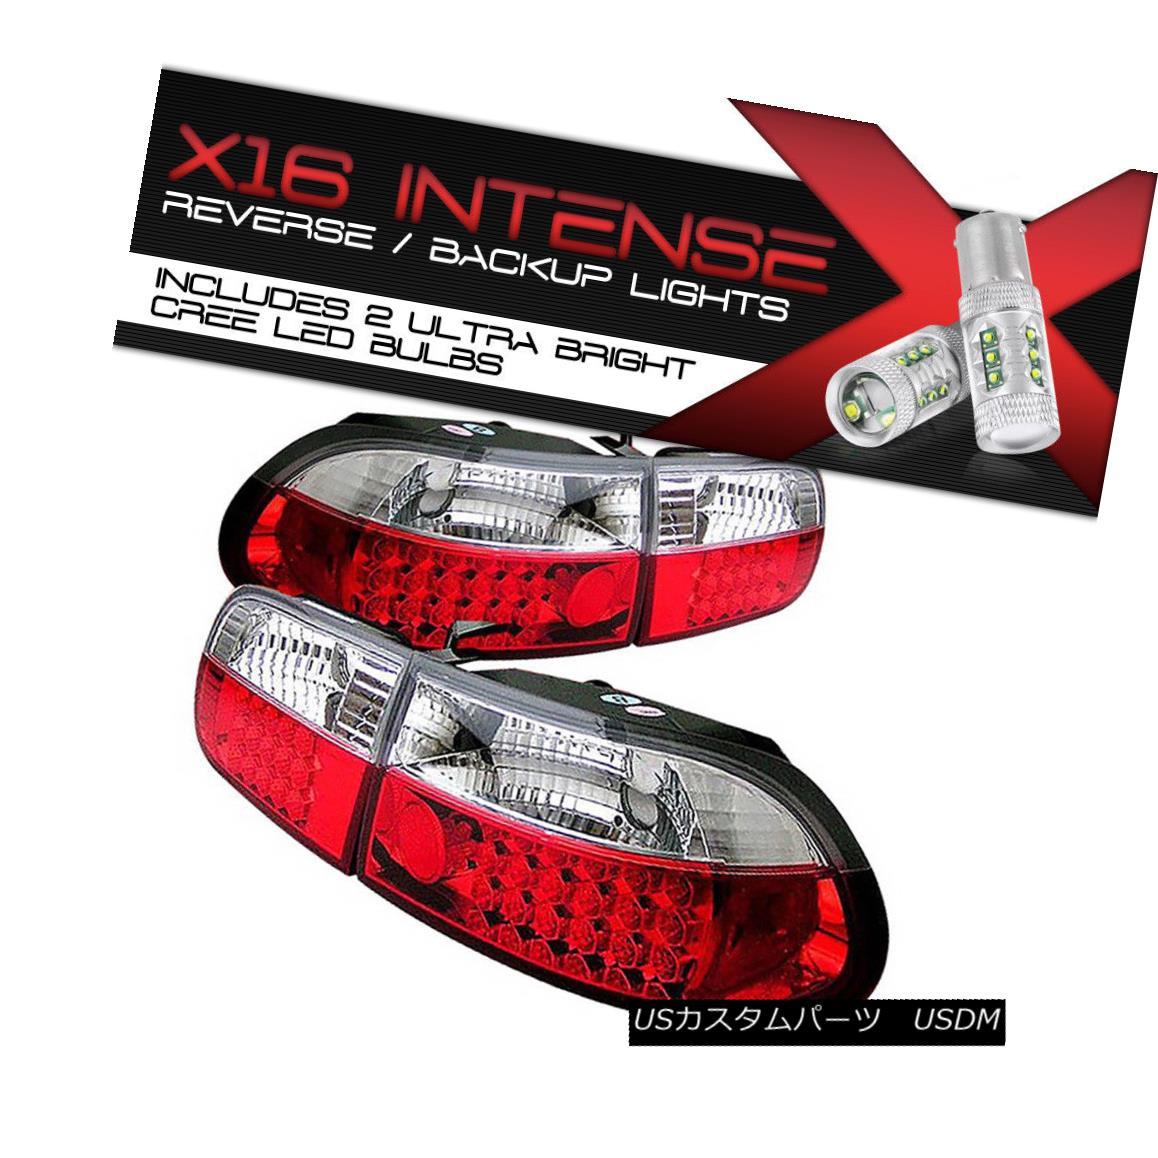 テールライト High-Power CREE Reverse JDM CIVIC 92-95 3DR RED+CLEAR Bright LED 4PCS Tail Light ハイパワークリーリバースJDM CIVIC 92-95 3DR RED +クリア明るいLED 4PCSテールライト